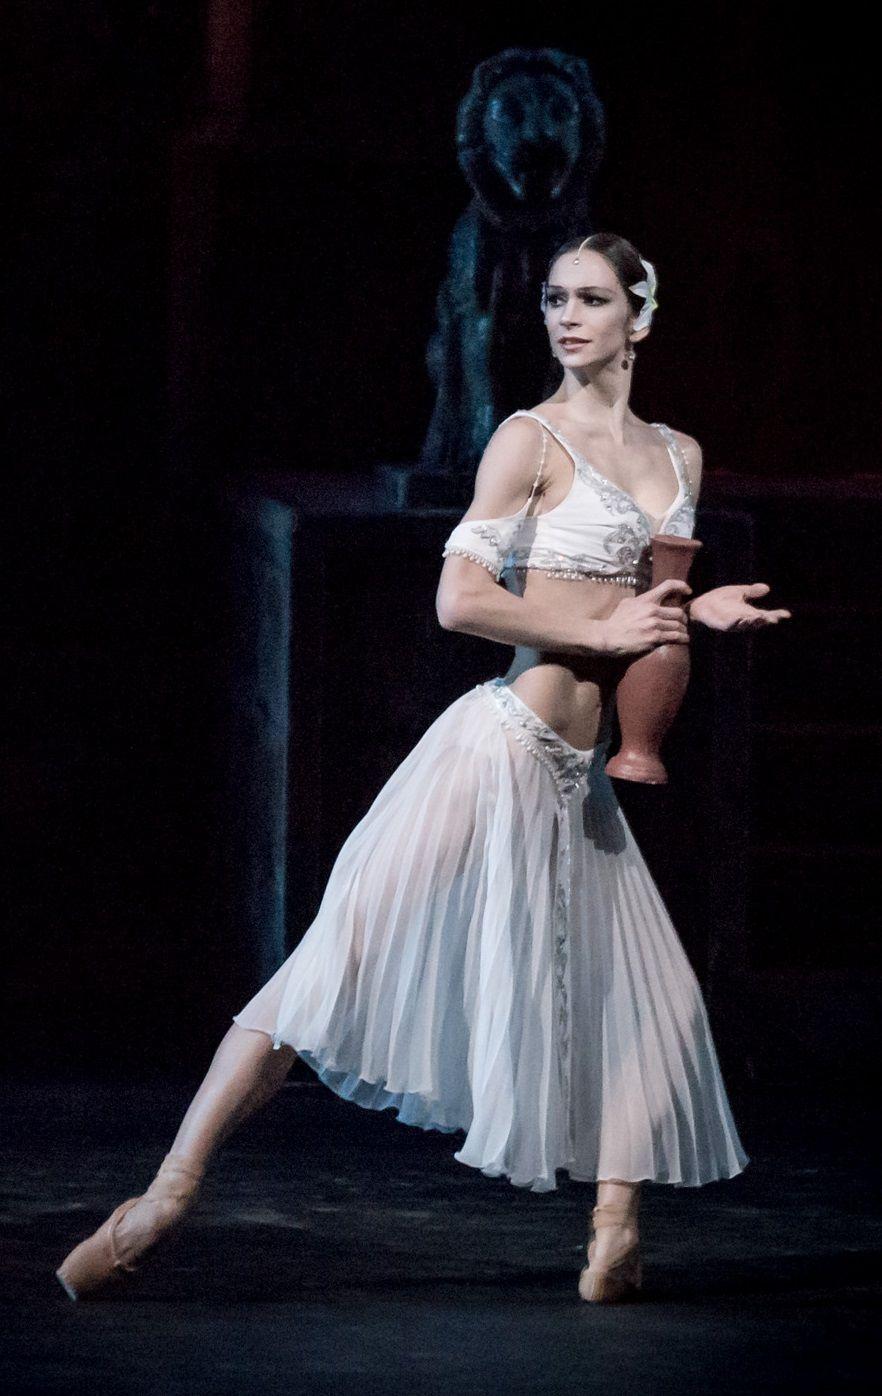 полина ижорская балерина фото сейчас сколько лет достаточно для работы